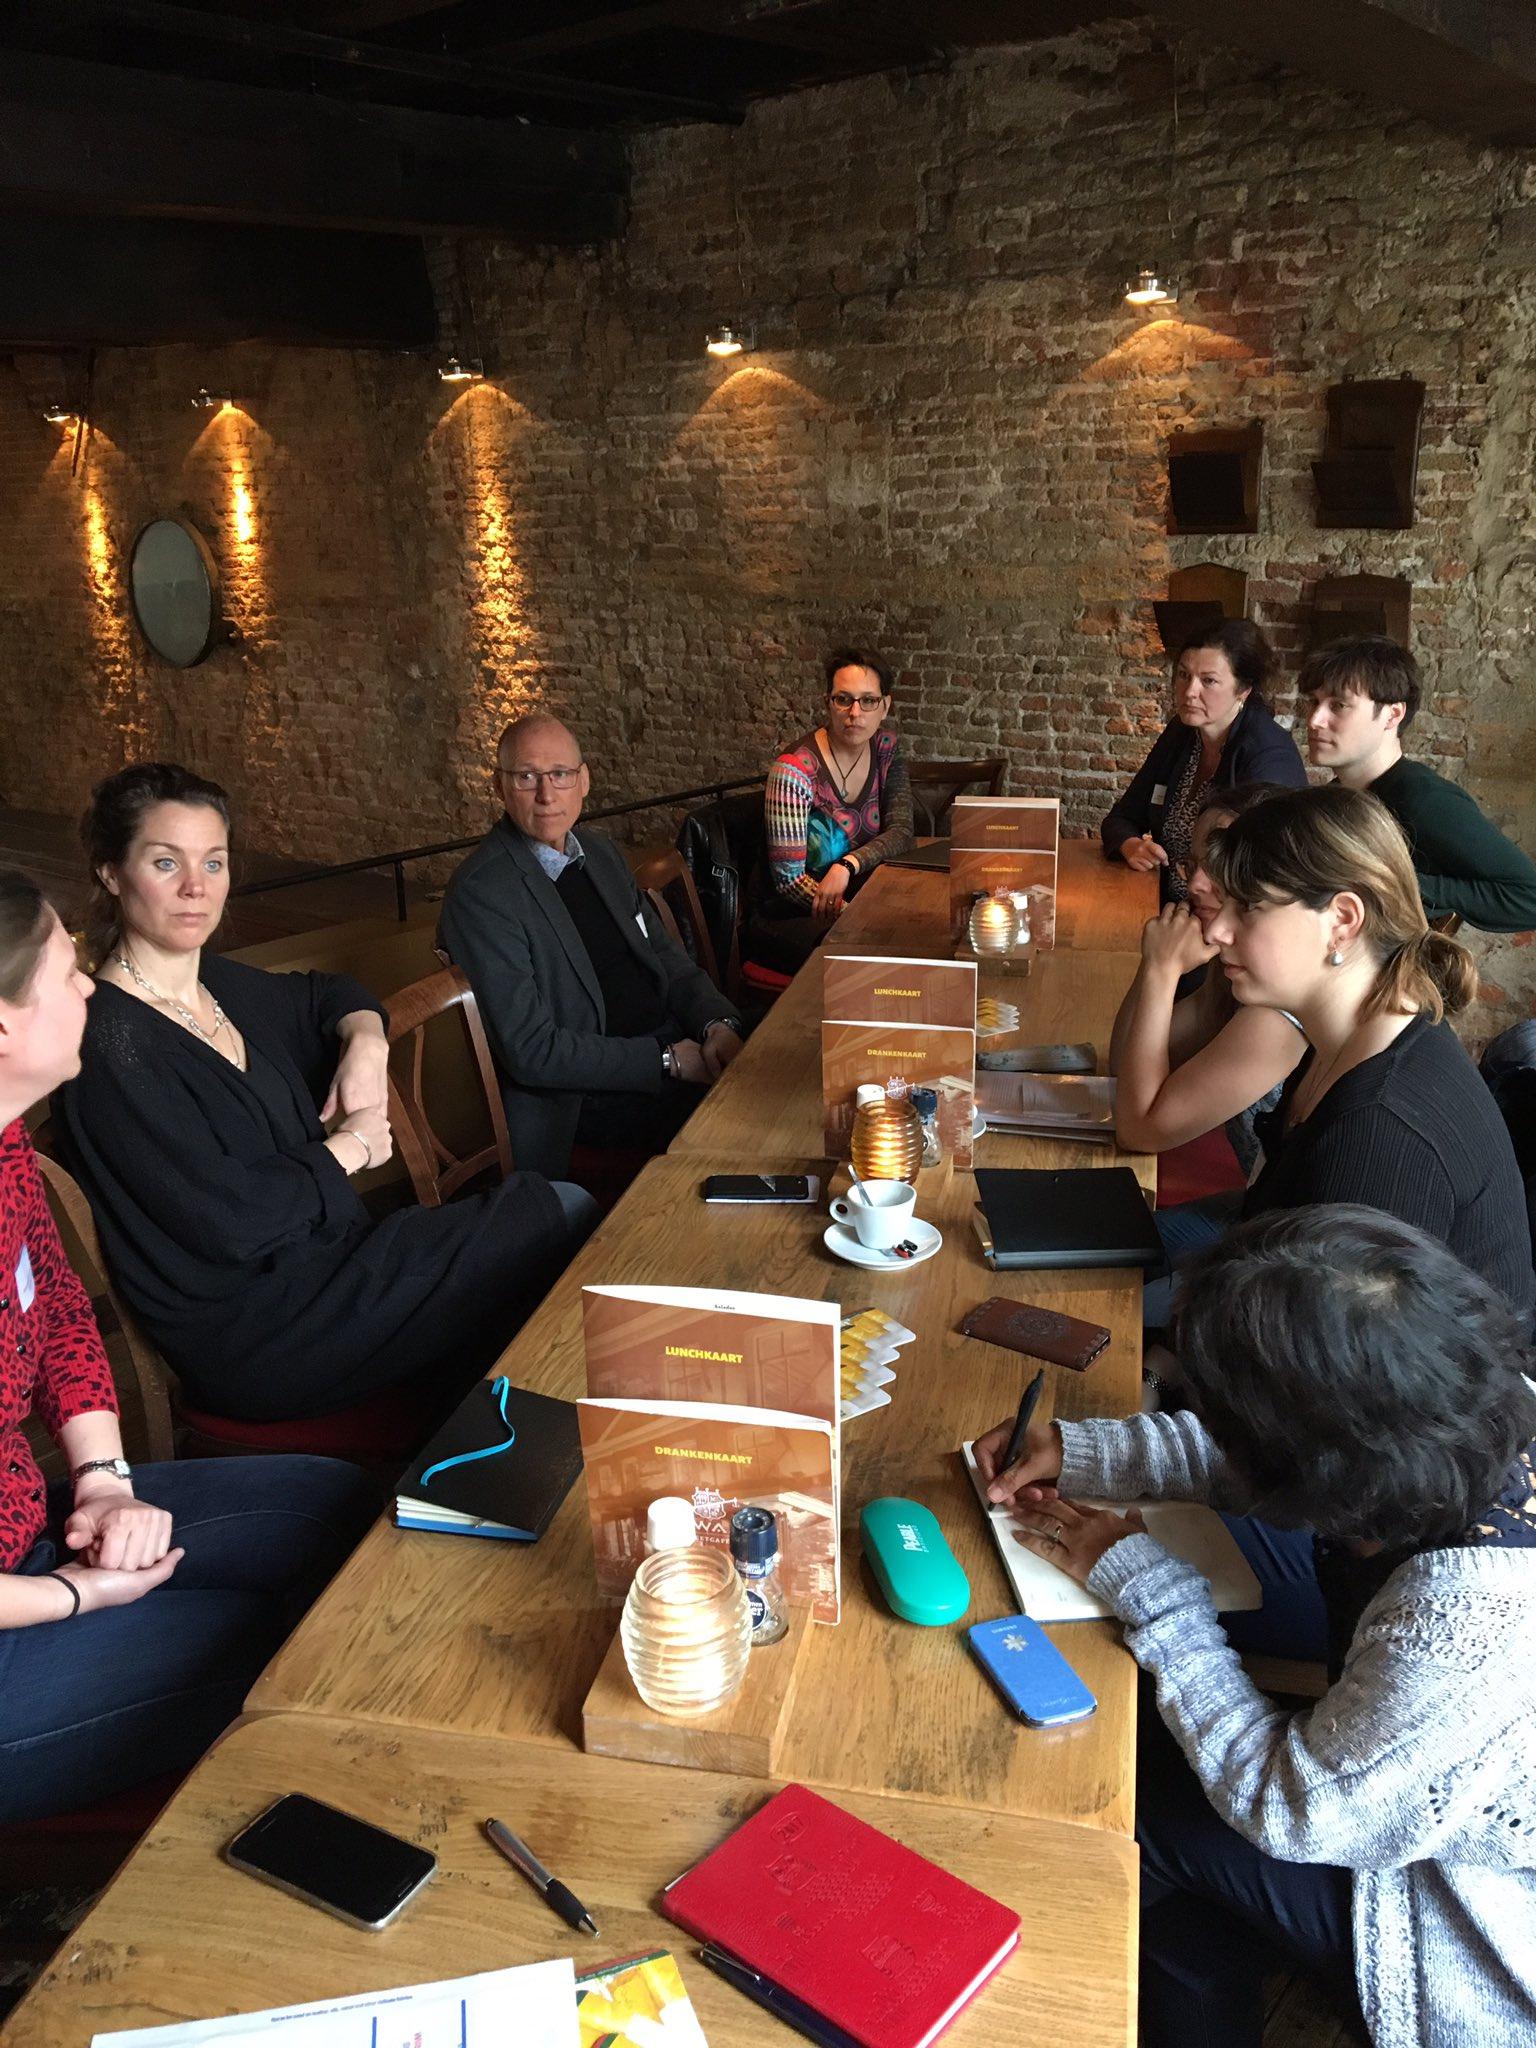 #17WDE koffiebijeenkomst in delft vanwege de week van het digitaal erfgoed. https://t.co/P1h1utLf0K